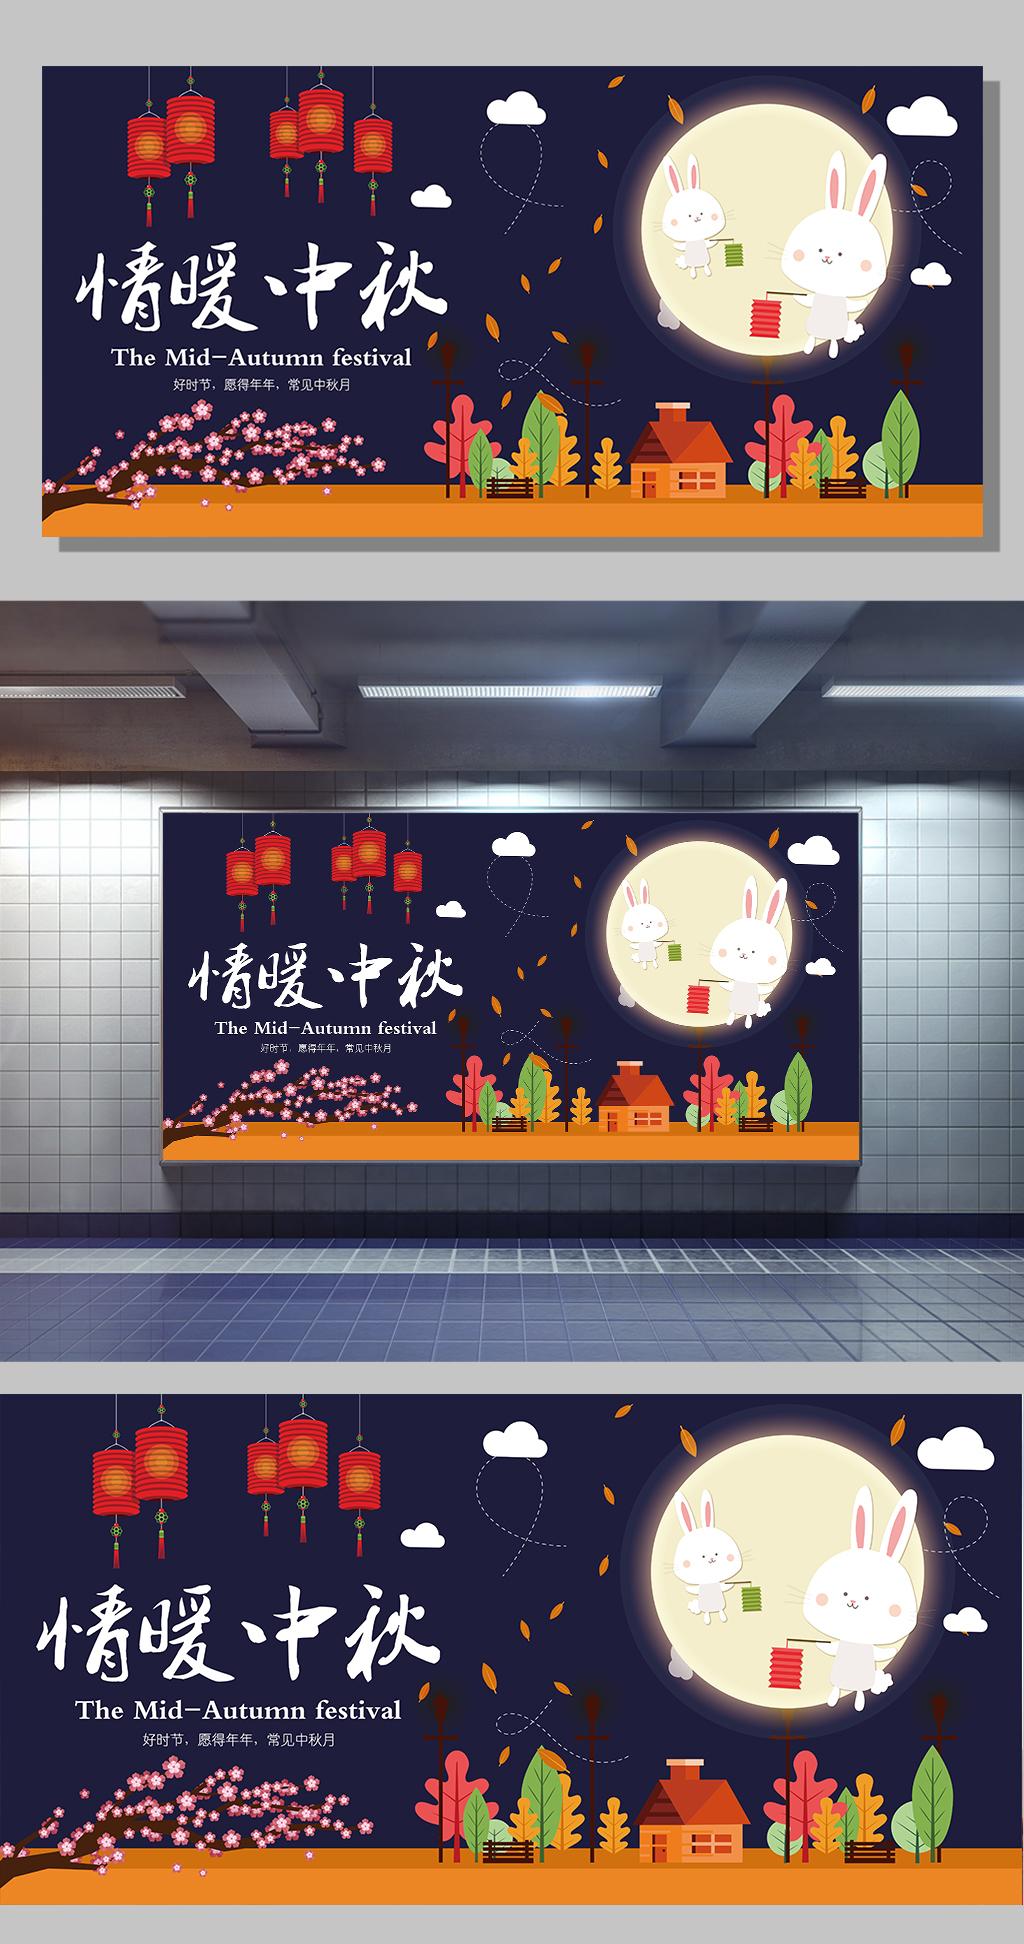 情暖中秋创意手绘中秋节展板图片设计素材 高清AI模板下载 10.19MB